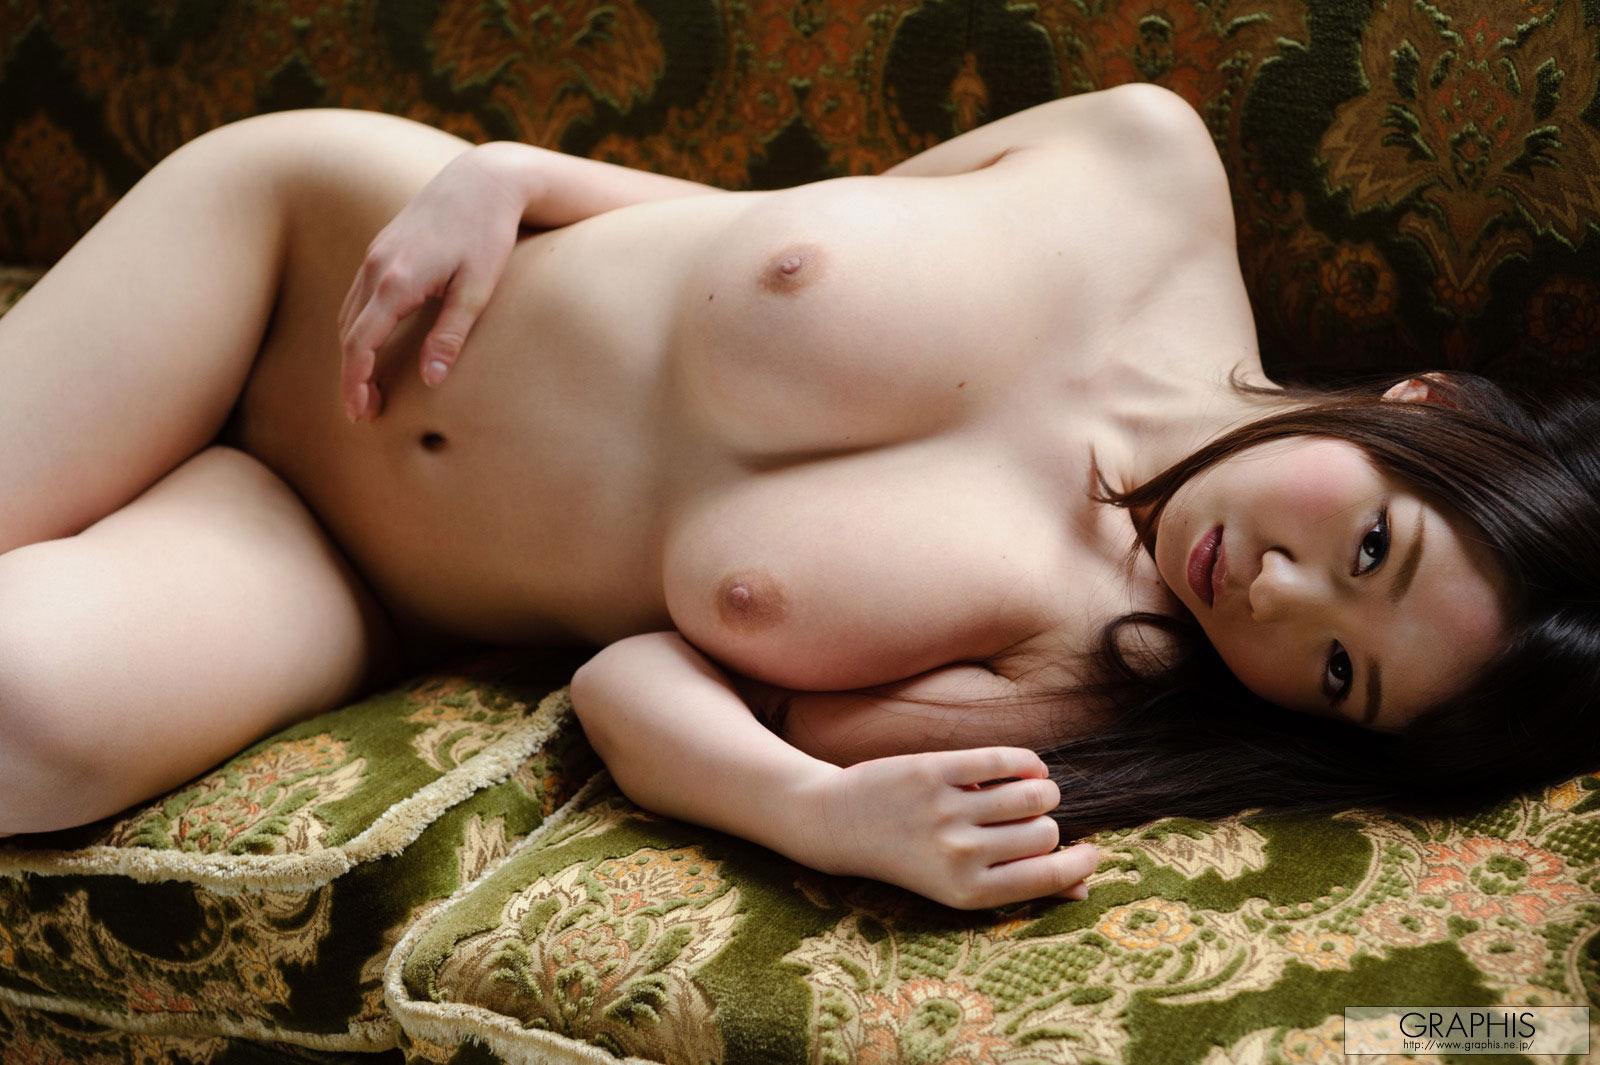 Японочки ххх фото, Японское - Смотри бесплатно эротику и порно в большом 21 фотография